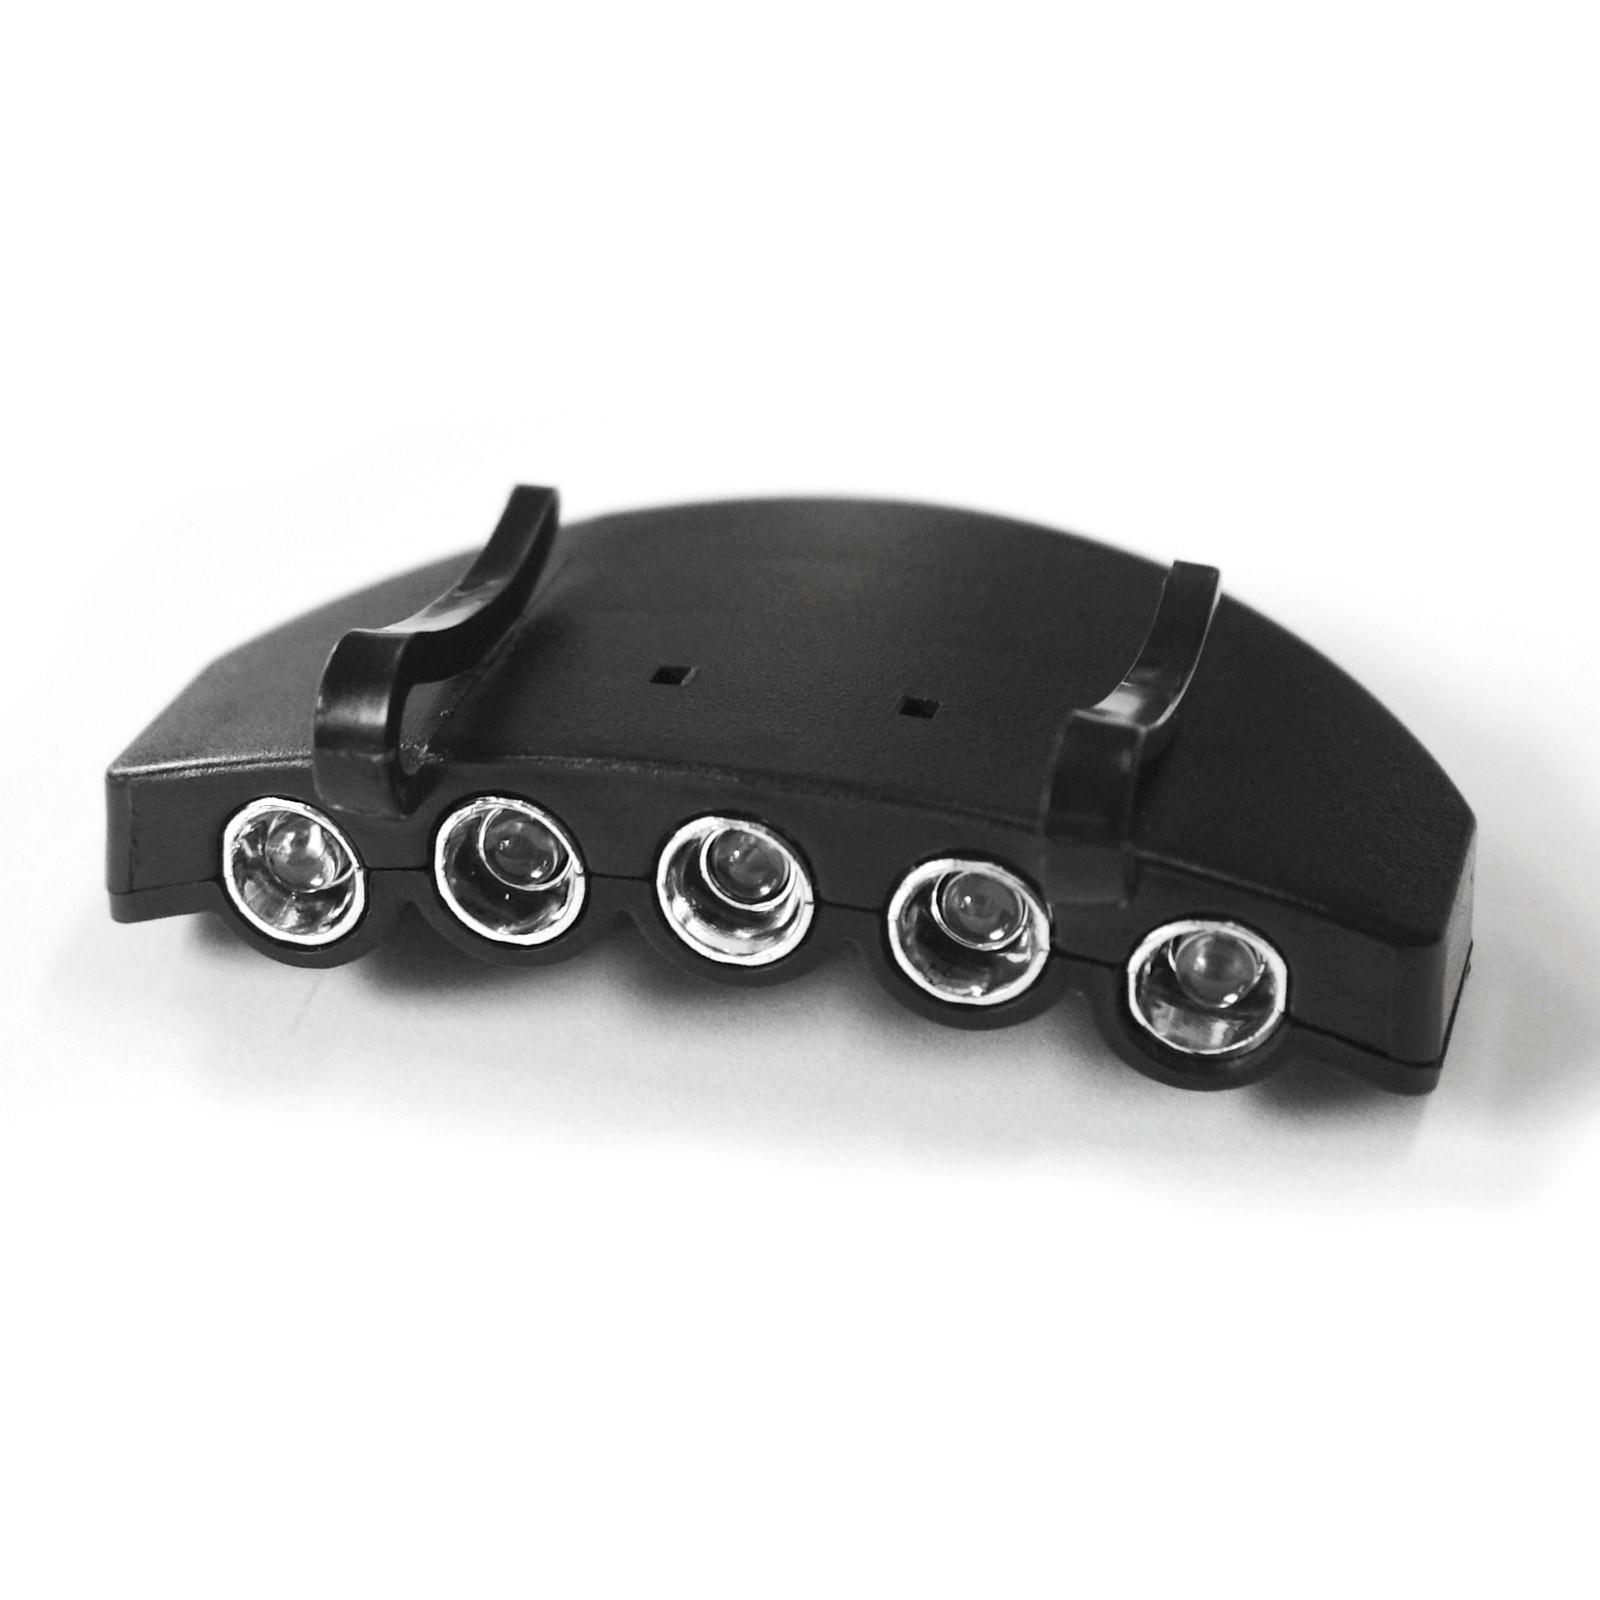 Baseball Cap Schirmmütze Hut Leuchte 5x LED Cap Light Dauer/Blinken